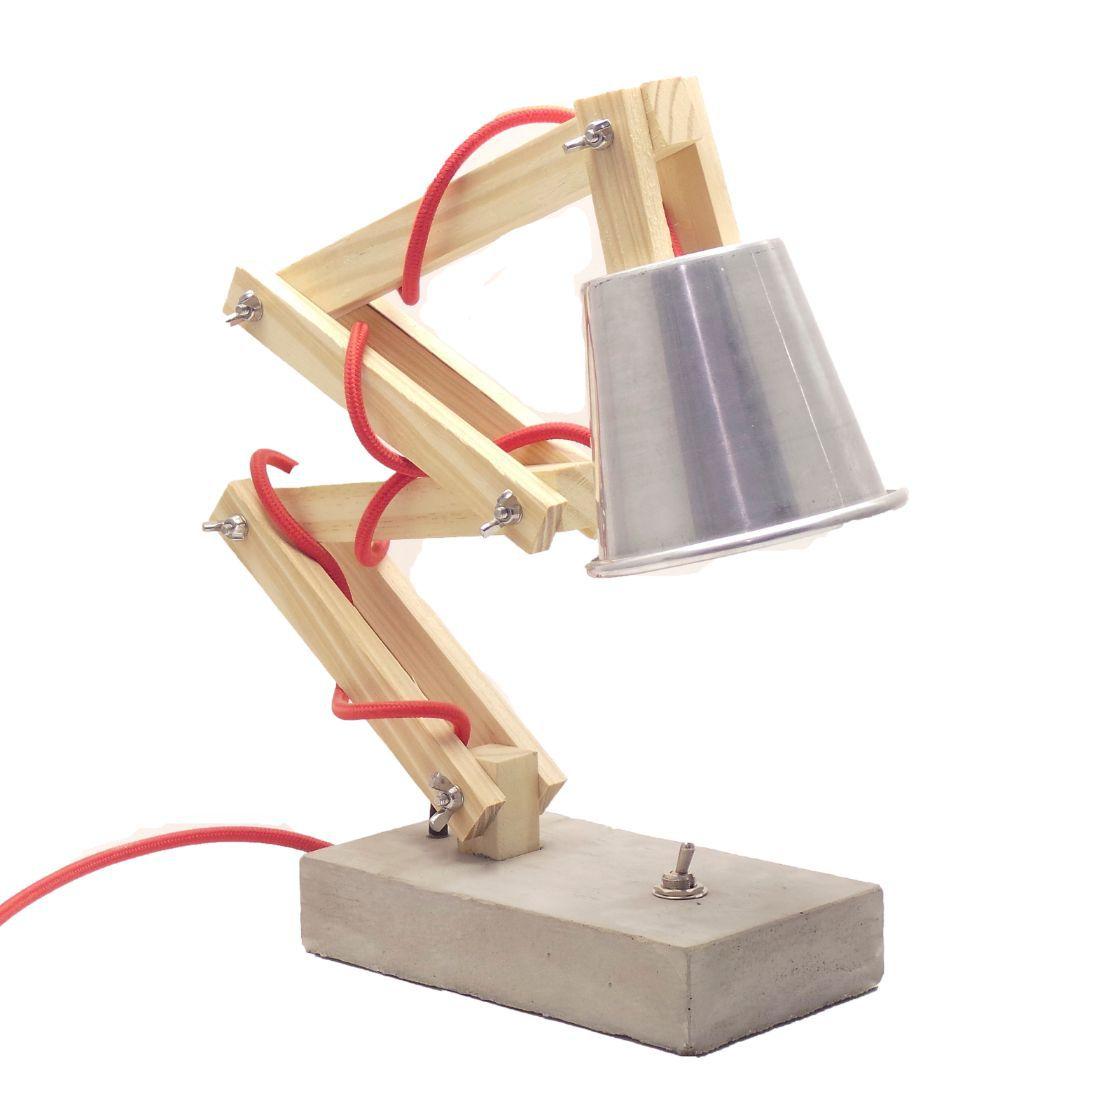 Luminária de Mesa Articulada Abajur Girafa com Cabo de tecido e Botão  - ZOLT luminárias